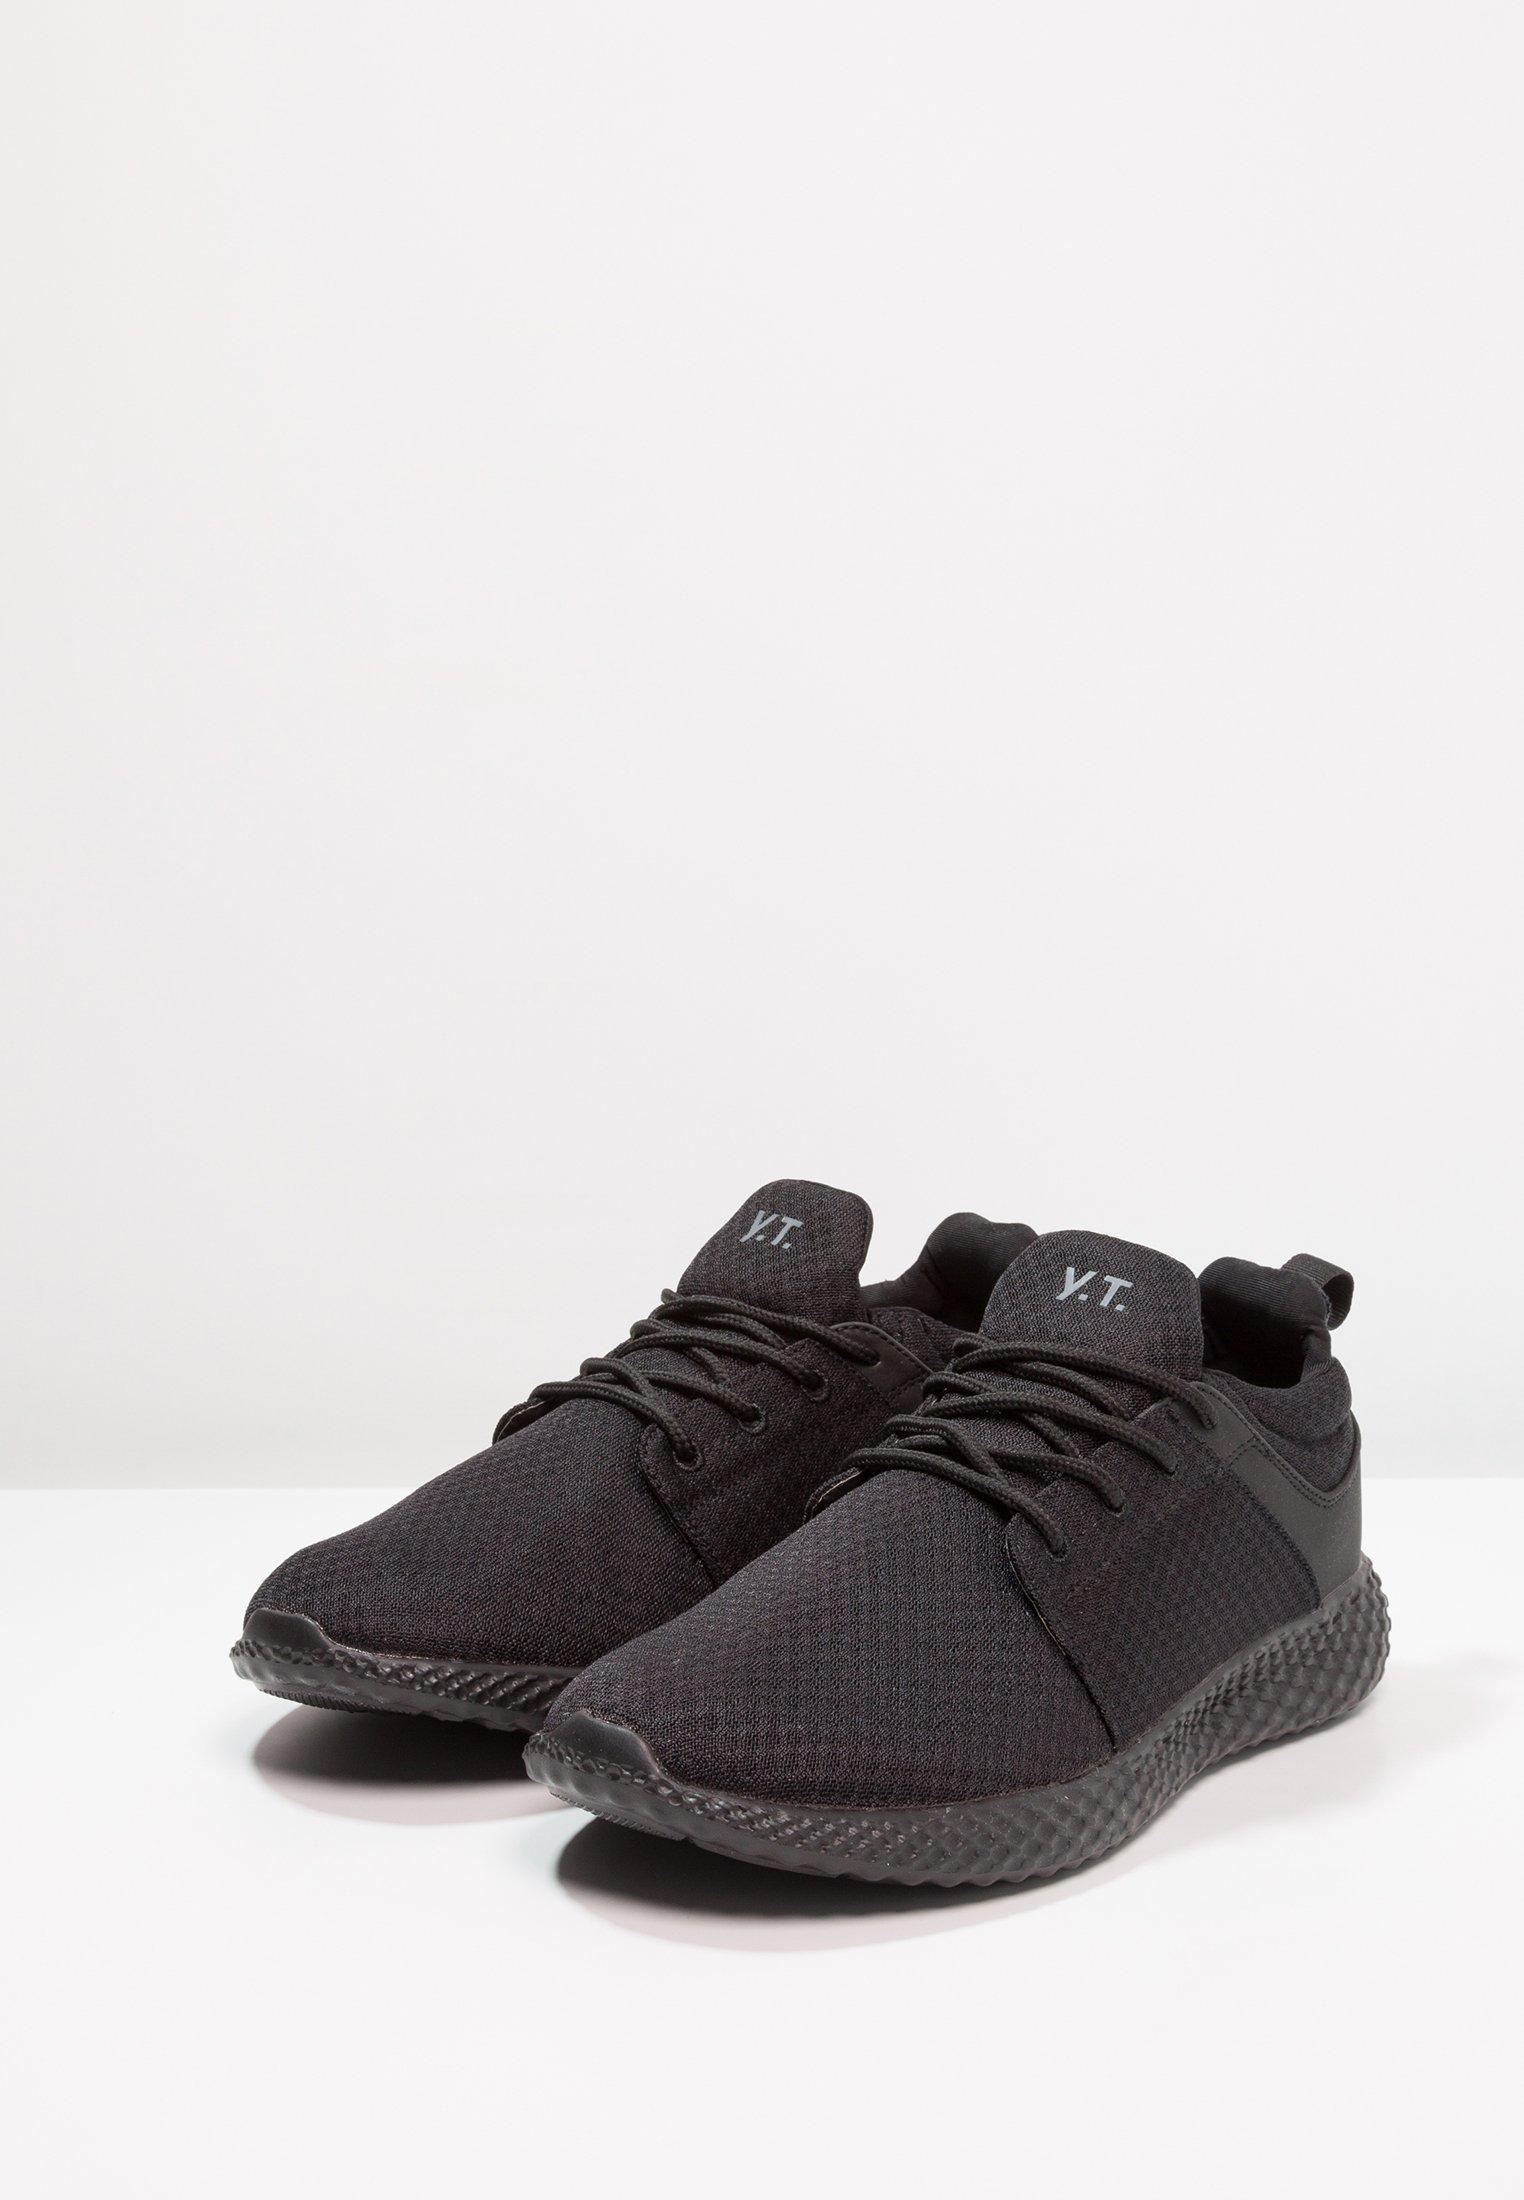 Black Sneakers Sneakers Yourturn Yourturn Basse Basse Basse Yourturn Black Sneakers Tl1JKcF